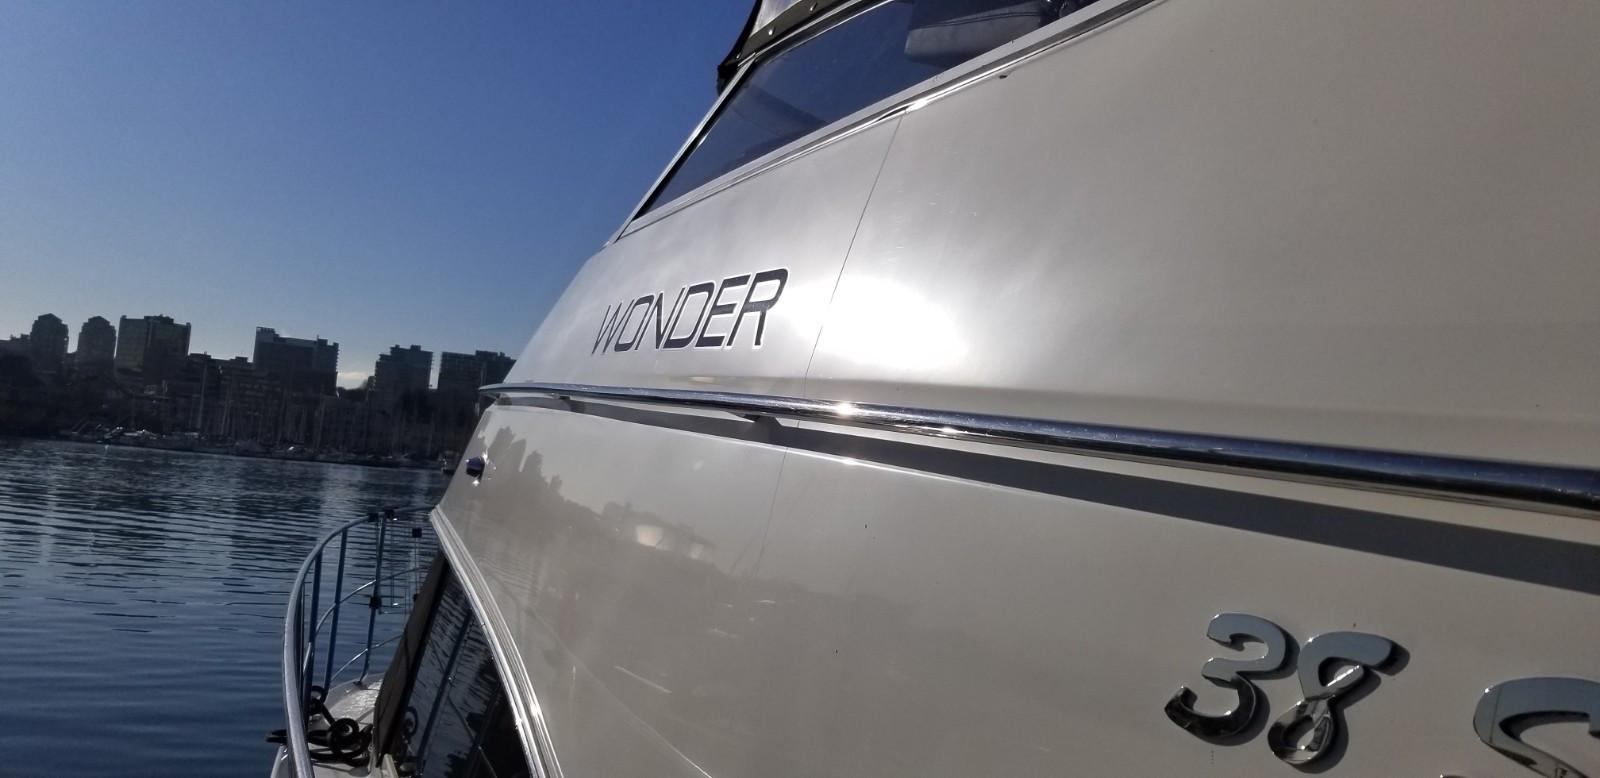 开展前巧遇这个冬季最寒冷, 却是美丽的晴天, 移动船只进场是个愉快的行程